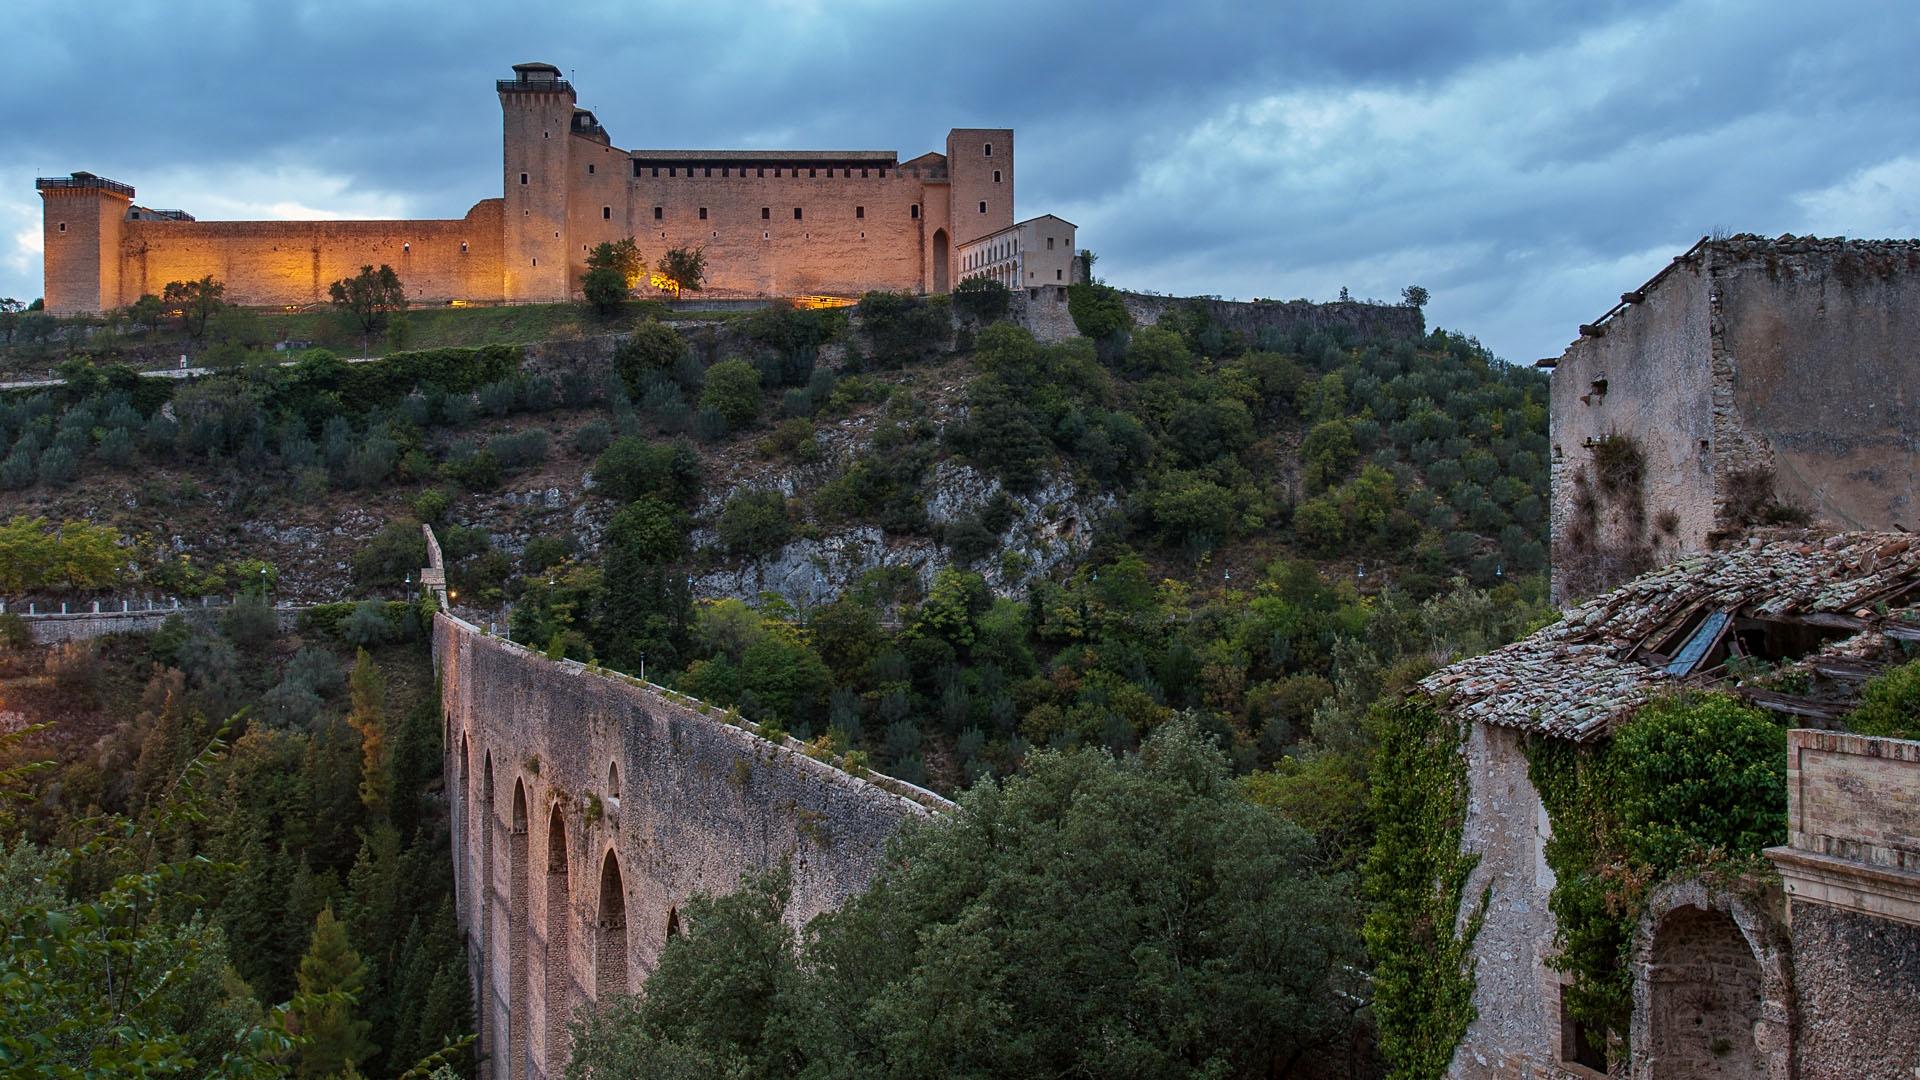 Rocca Albornoziana and Ponte delle Torri, Spoleto